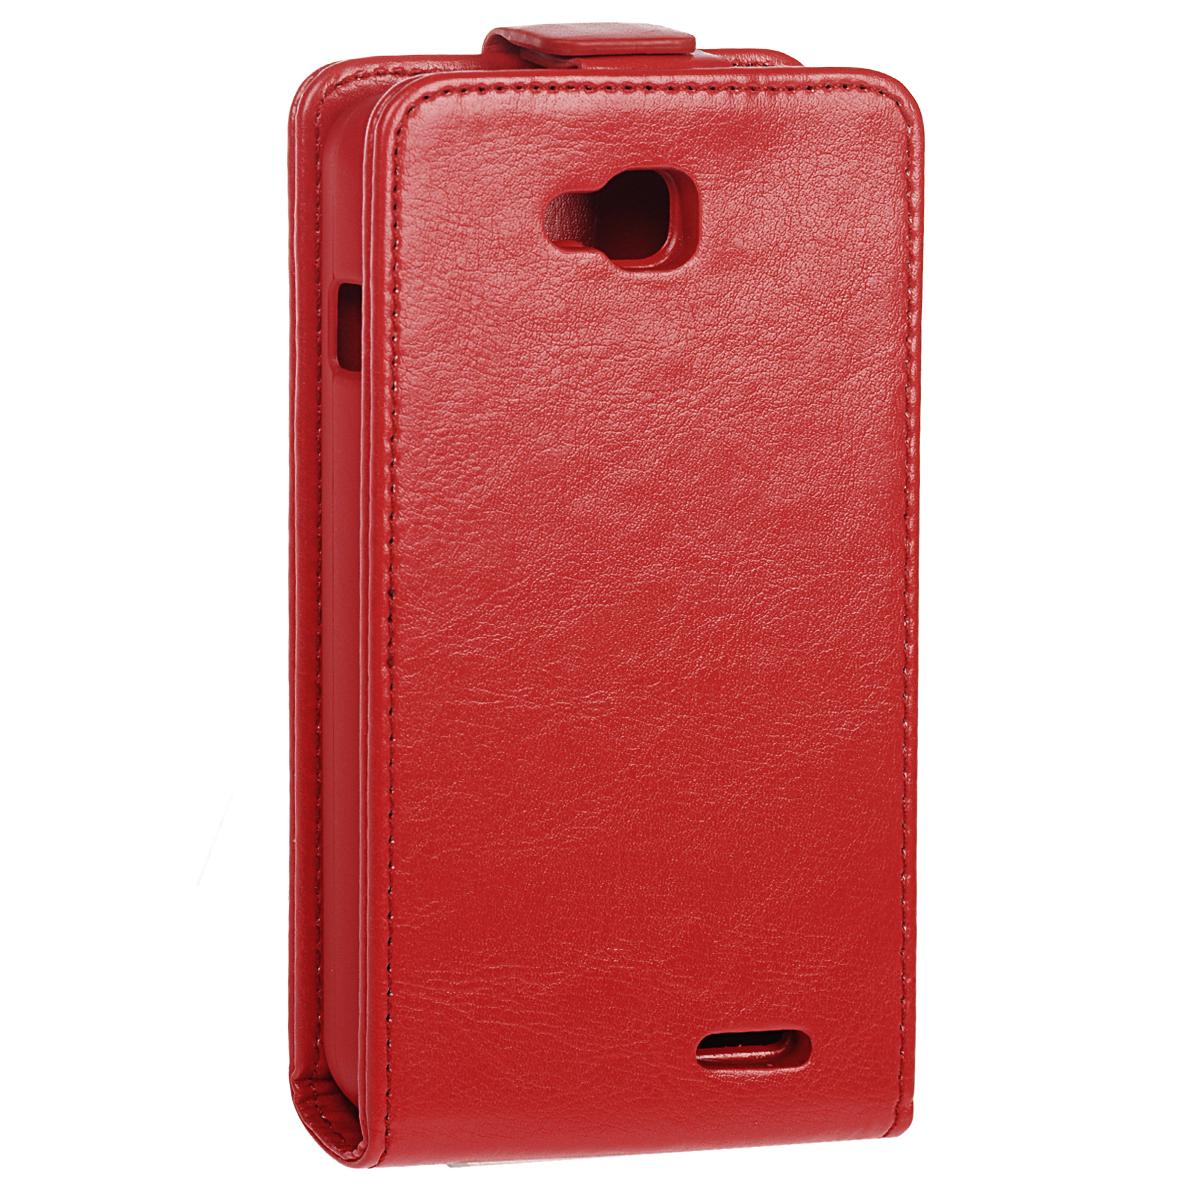 Skinbox Flip Case чехол для LG L90 Dual, Red